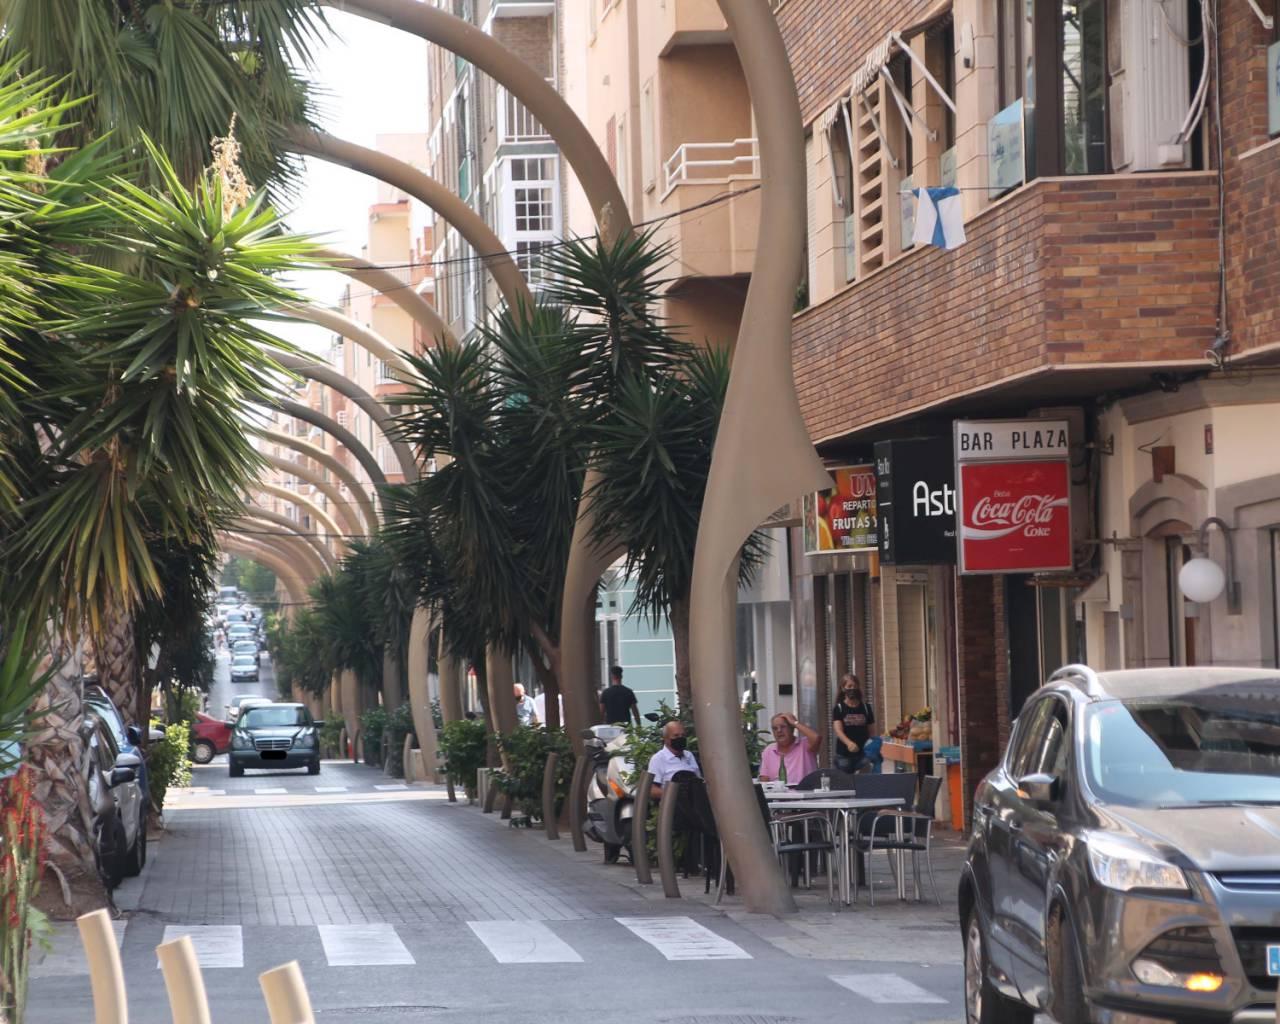 nieuwbouw-appartement-torrevieja-playa-del-cura_3826_xl